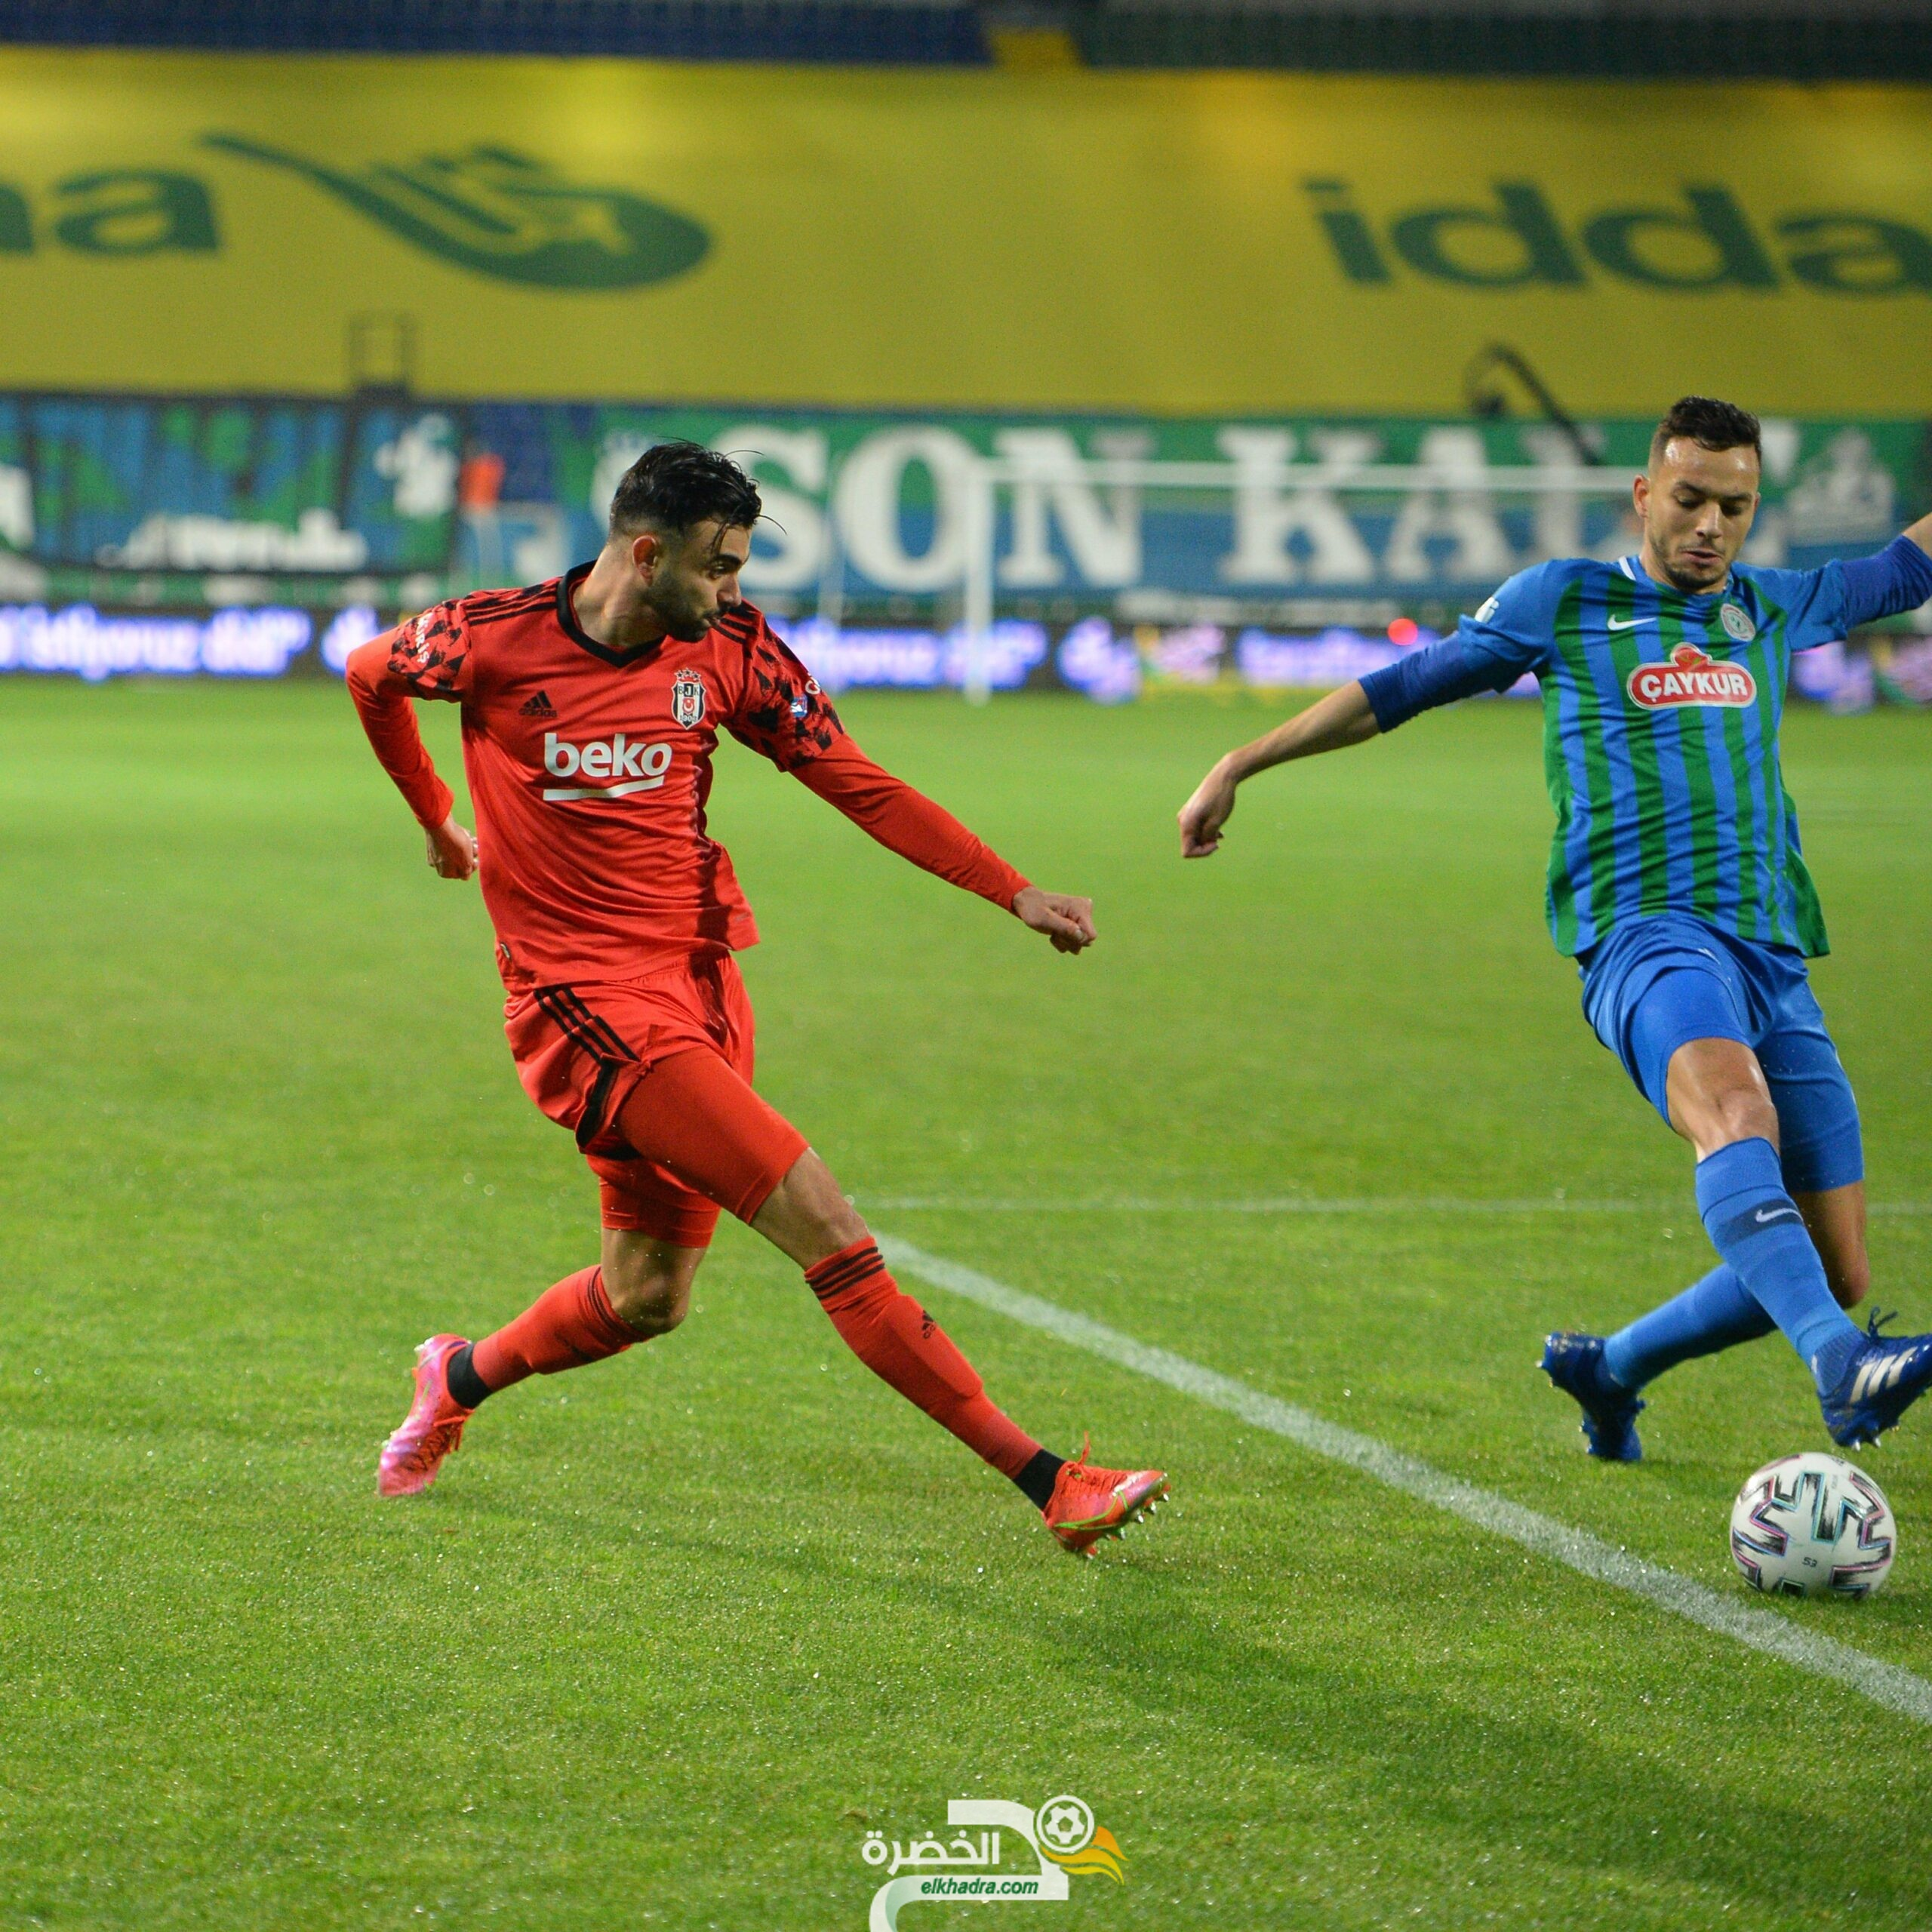 كأس تركيا : رشيد غزال يتوج بالدوبلي مع بيشكتاش 7